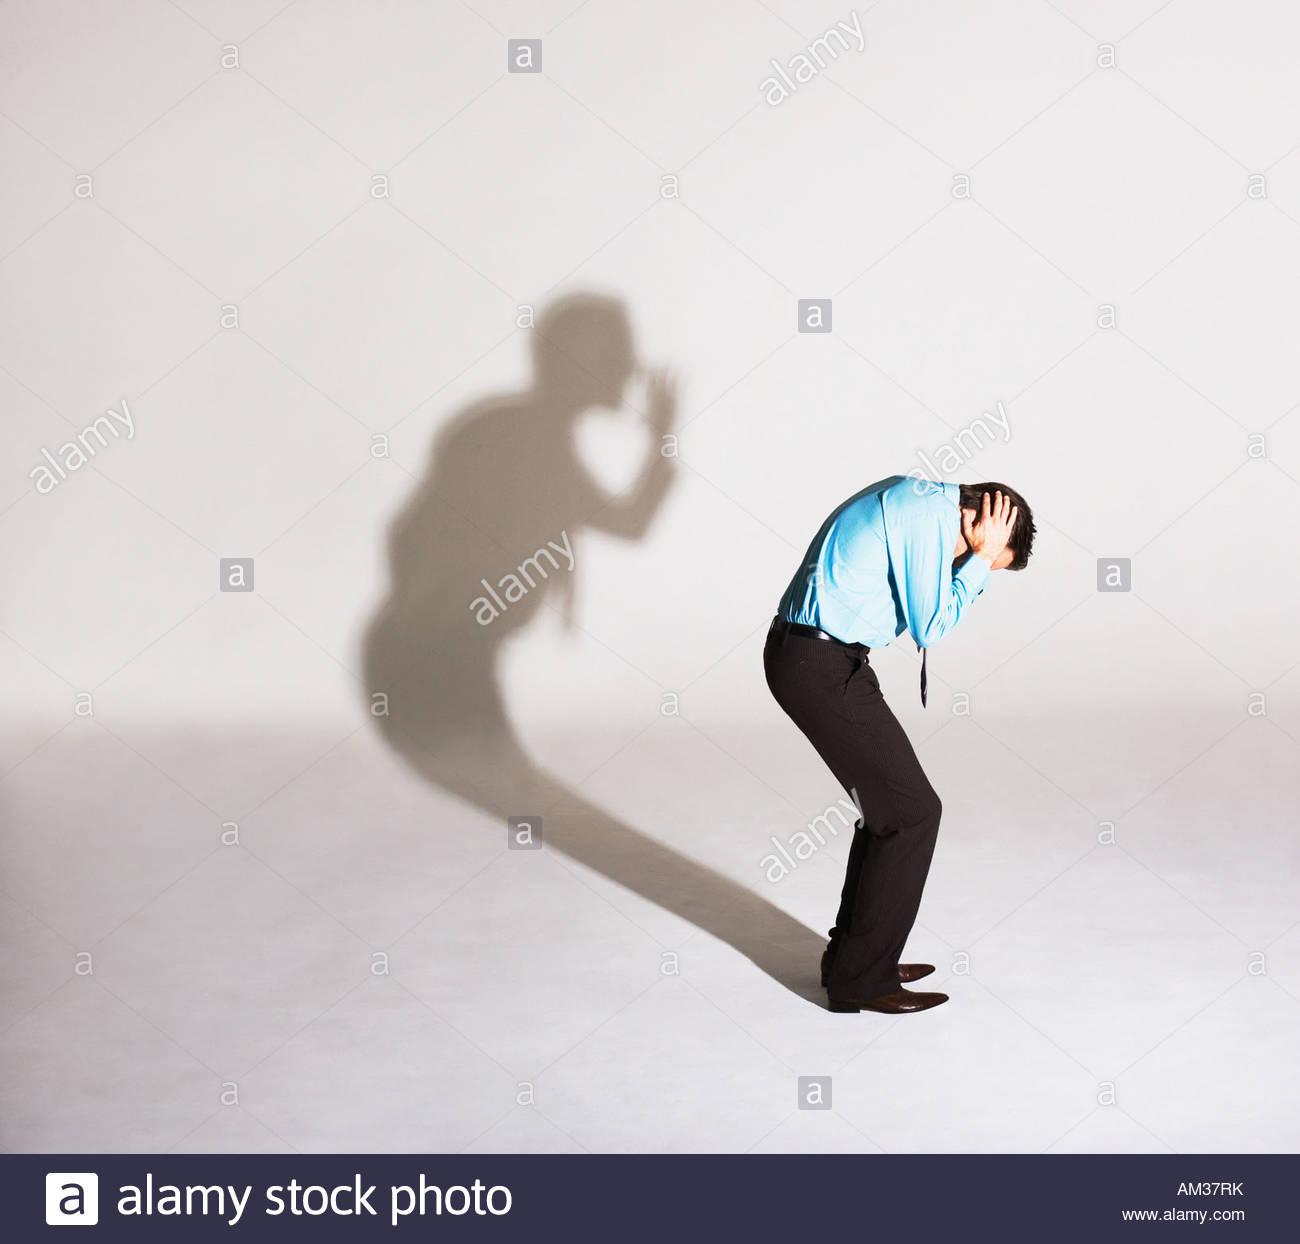 L'uomo essendo rimbrottato dalla ombra Immagini Stock